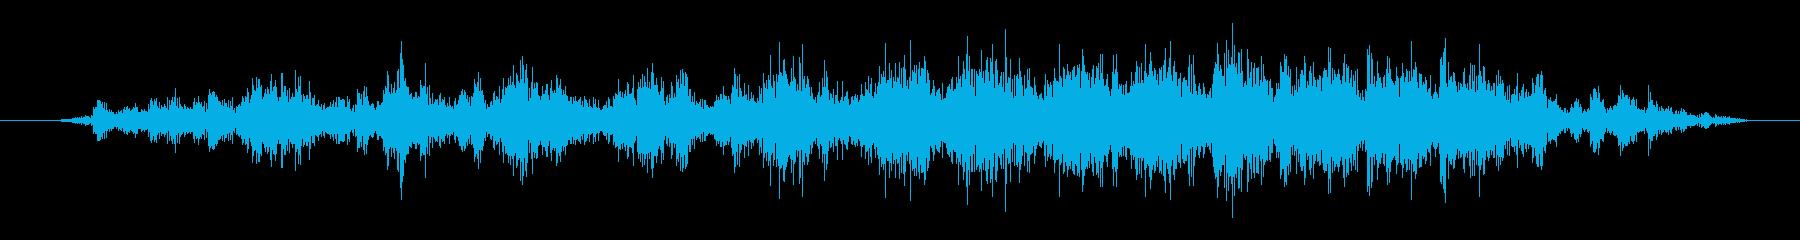 生体力学的クリーチャー:短い機械的...の再生済みの波形